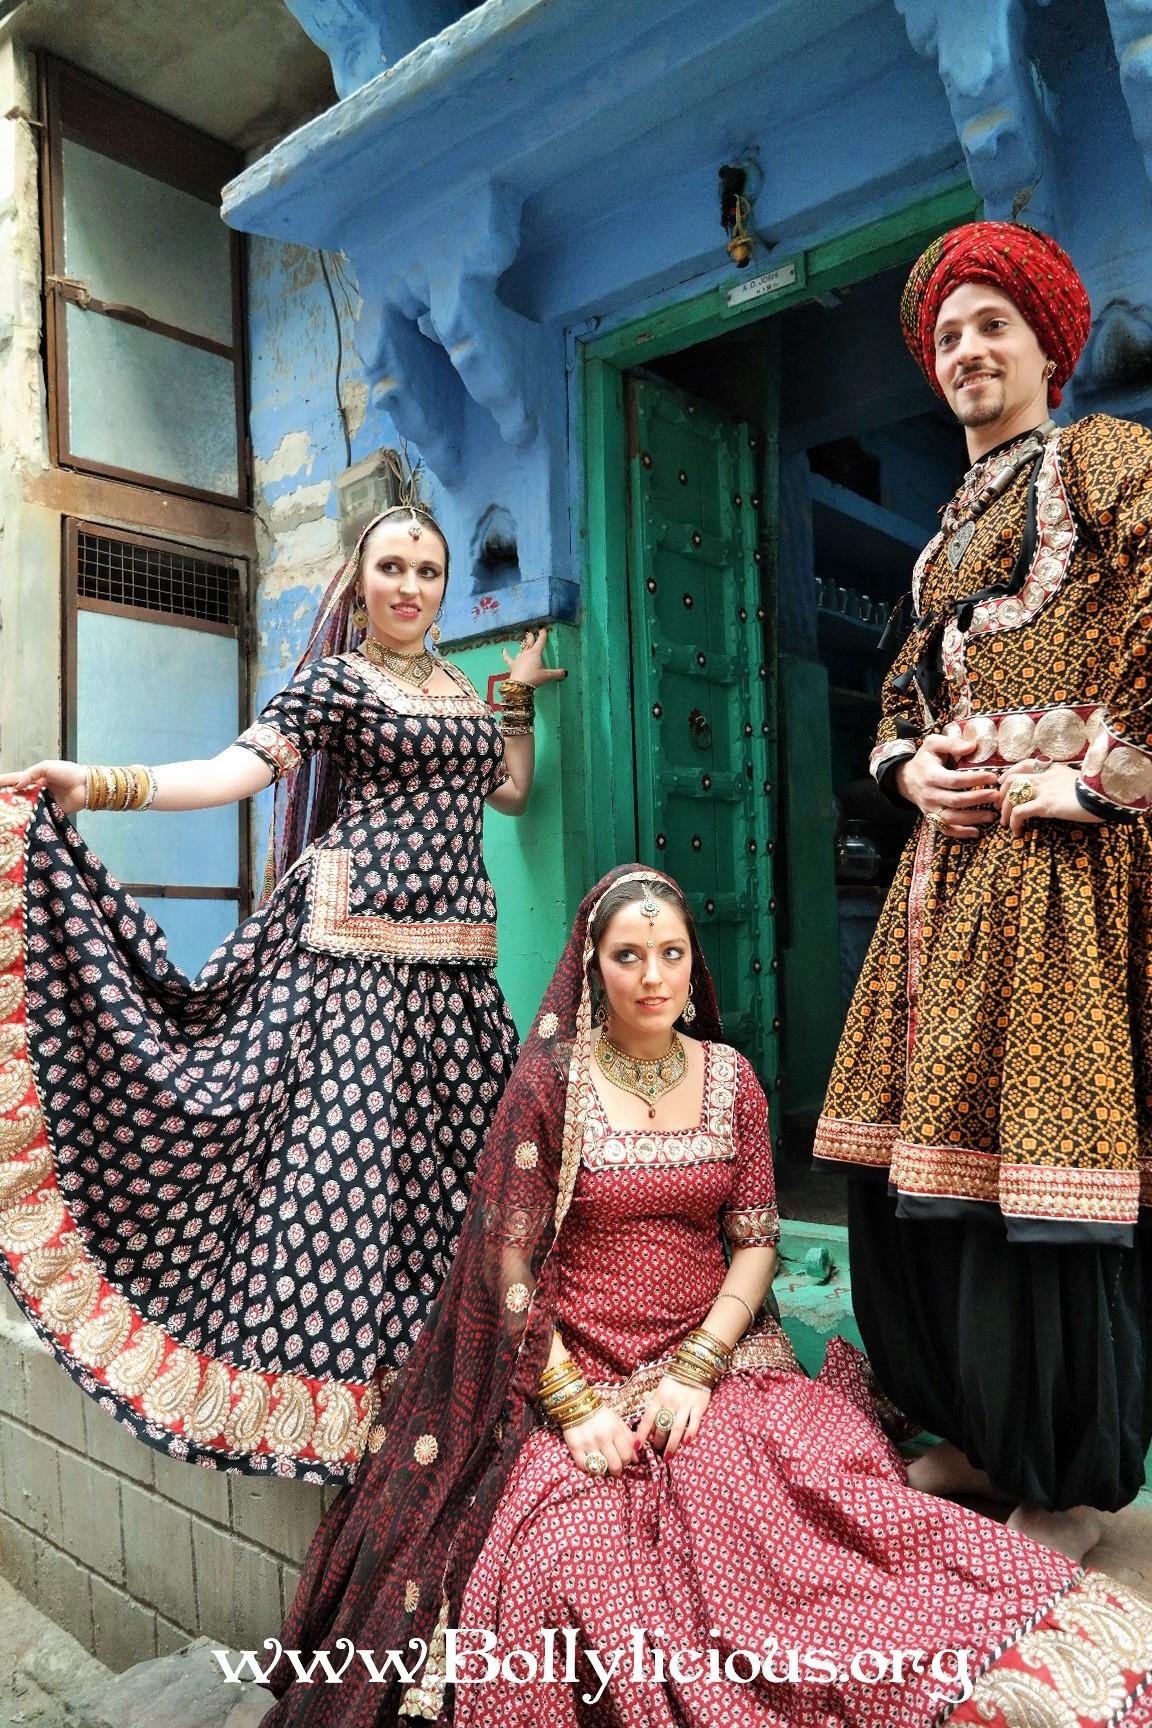 Bollylicious Jodhpur 4